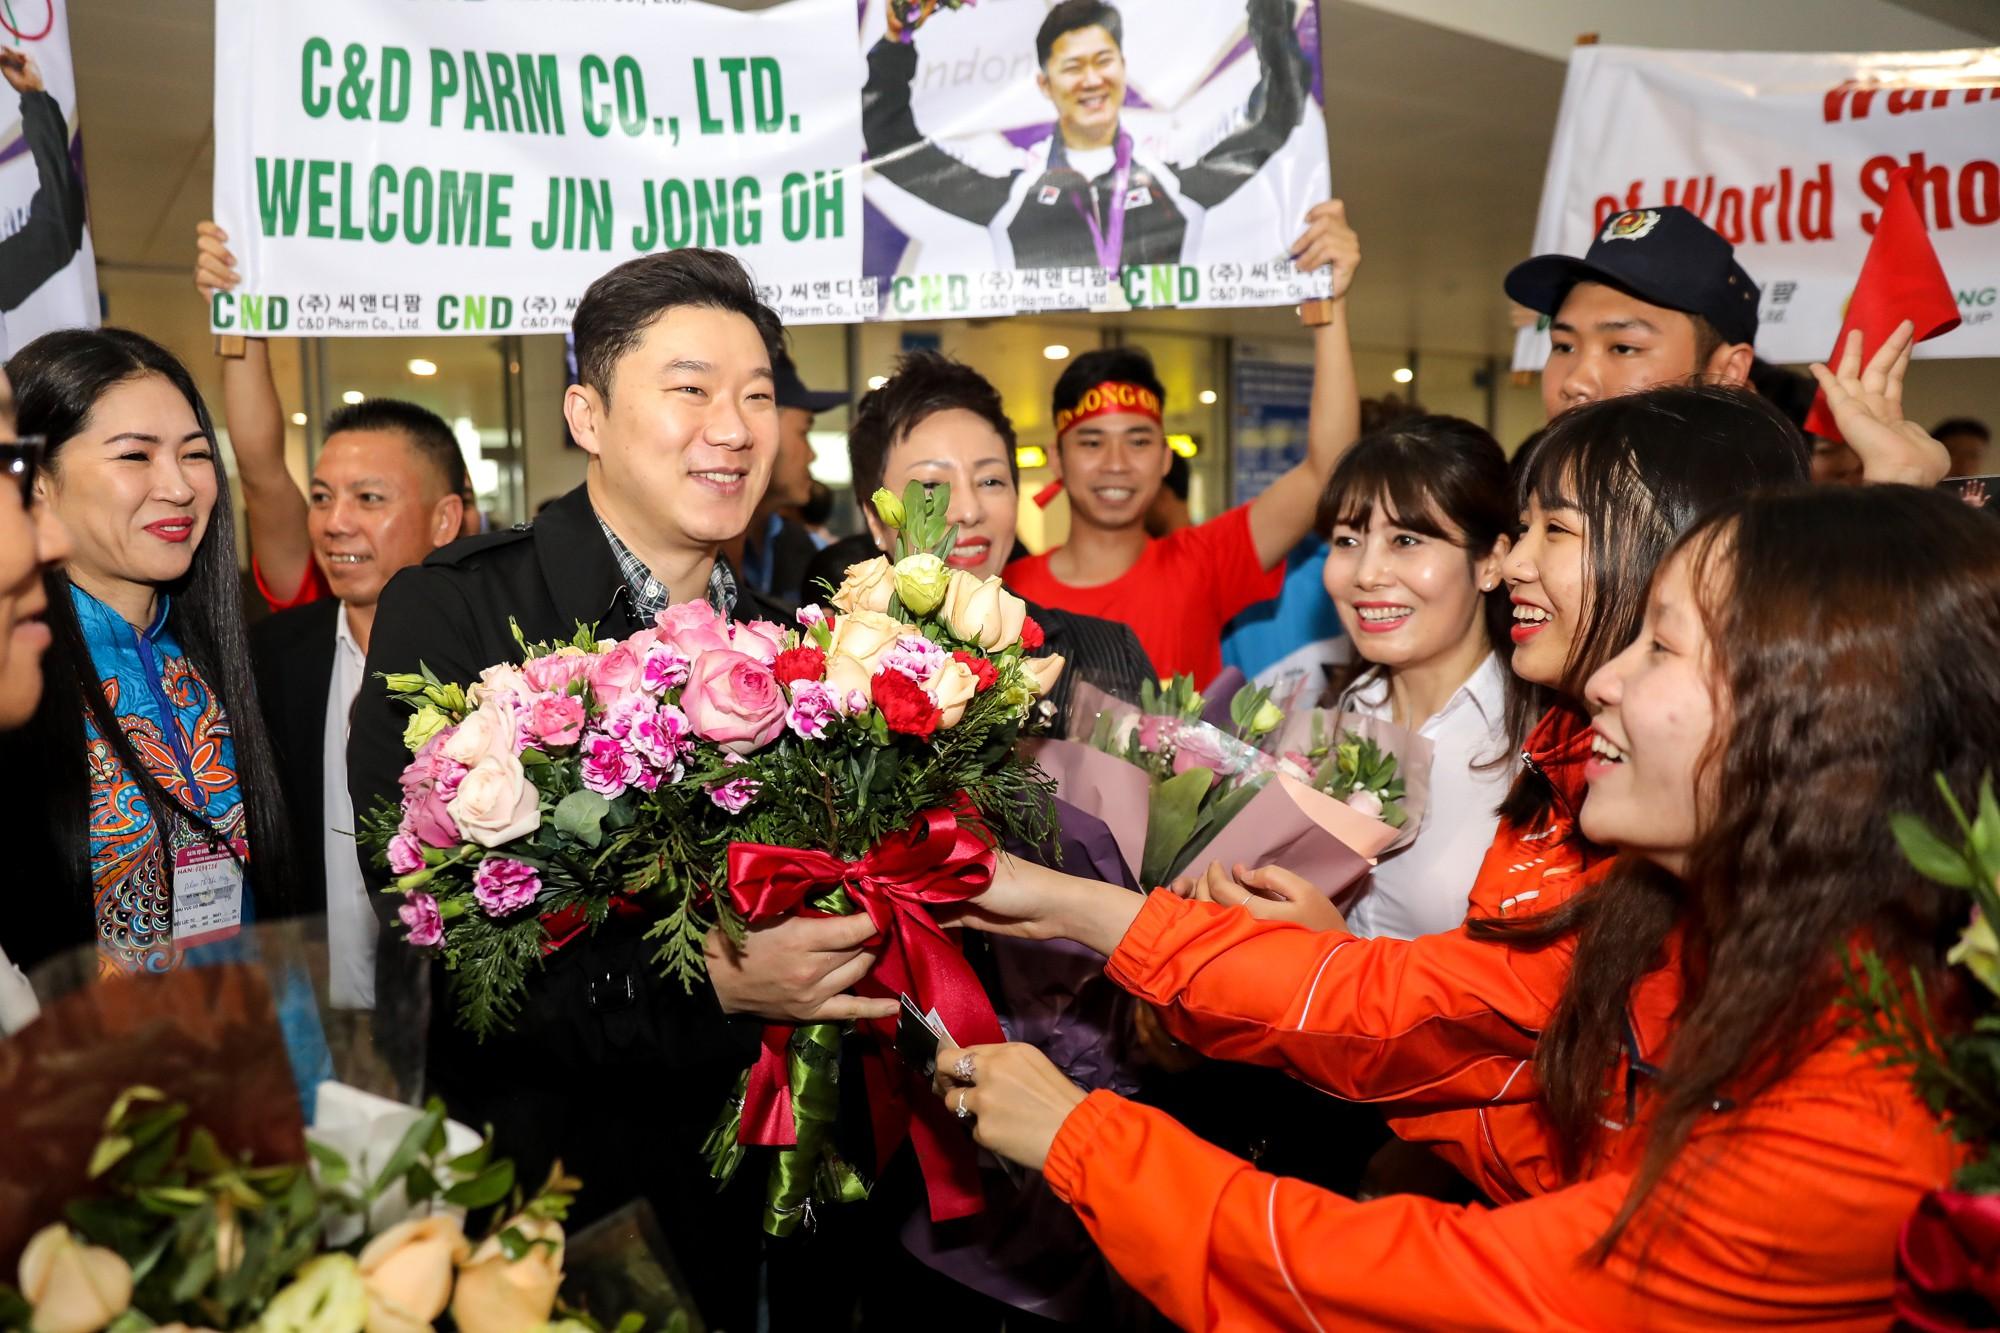 Siêu xạ thủ Jin Jong Oh: Tôi biết Hoàng Xuân Vinh có tố chất từ lâu rồi - Ảnh 1.